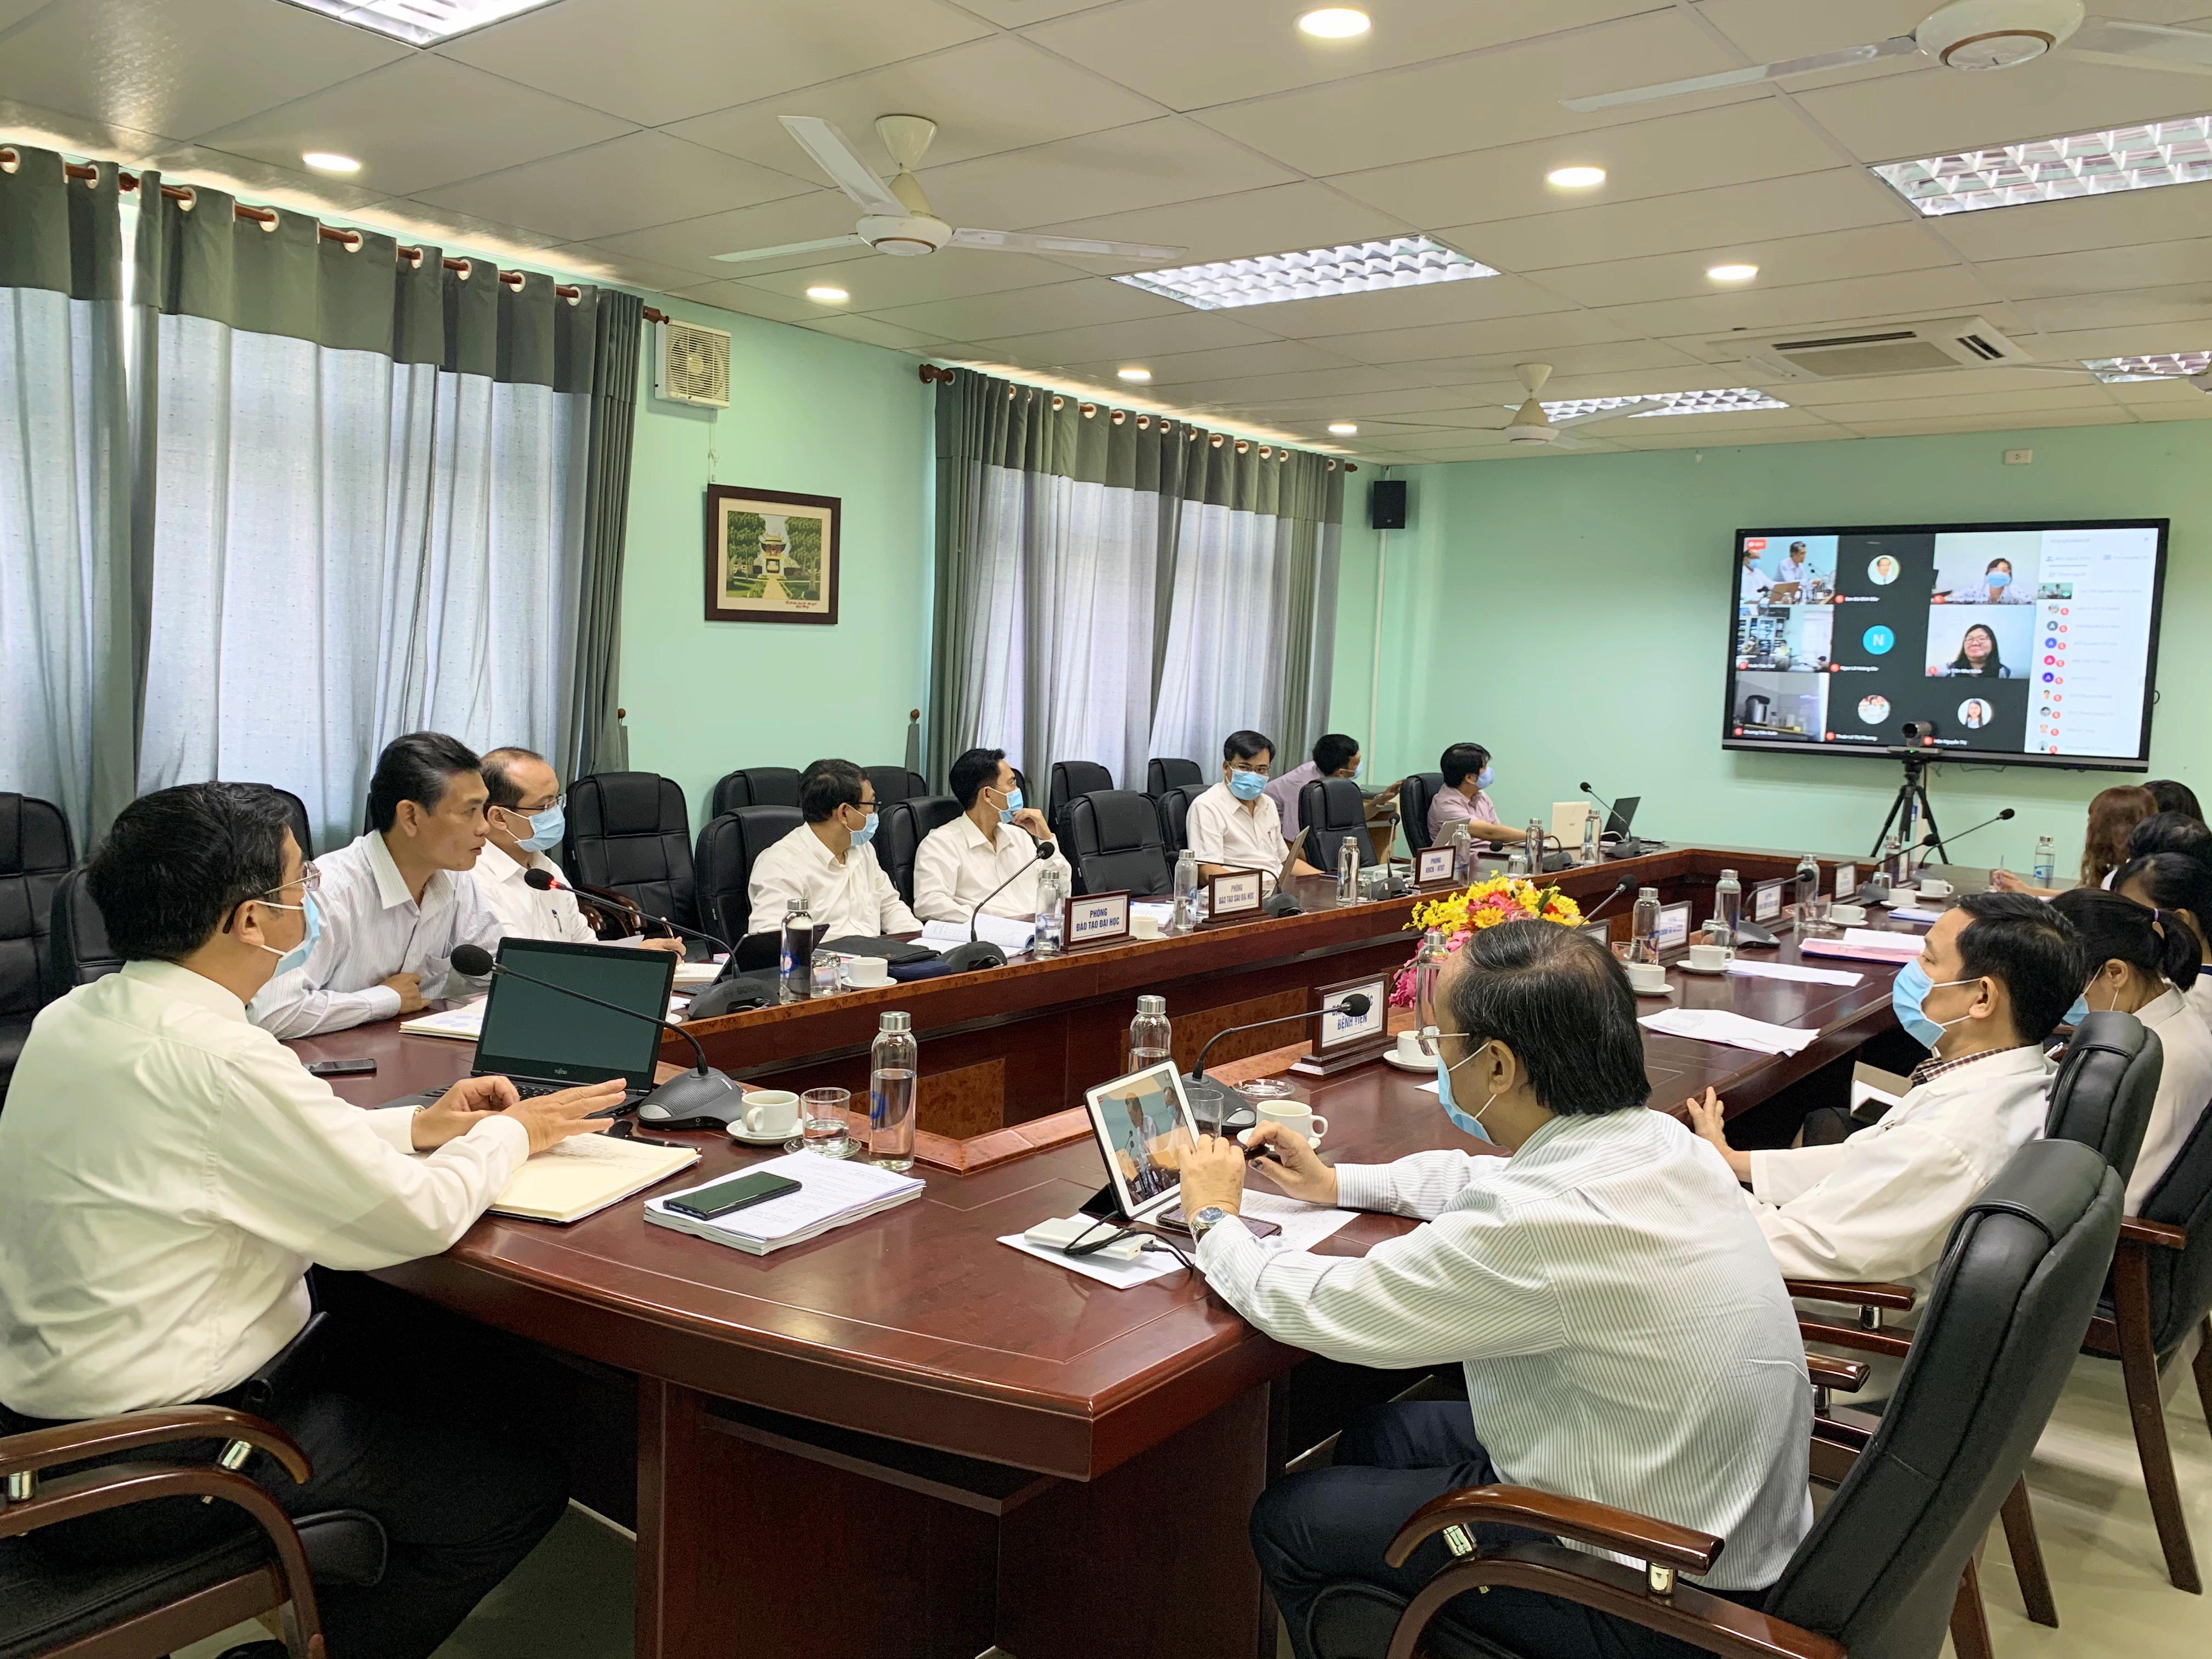 Hội nghị triển khai kế hoạch đào tạo và hoạt động khoa học công nghệ năm học 2020-2021